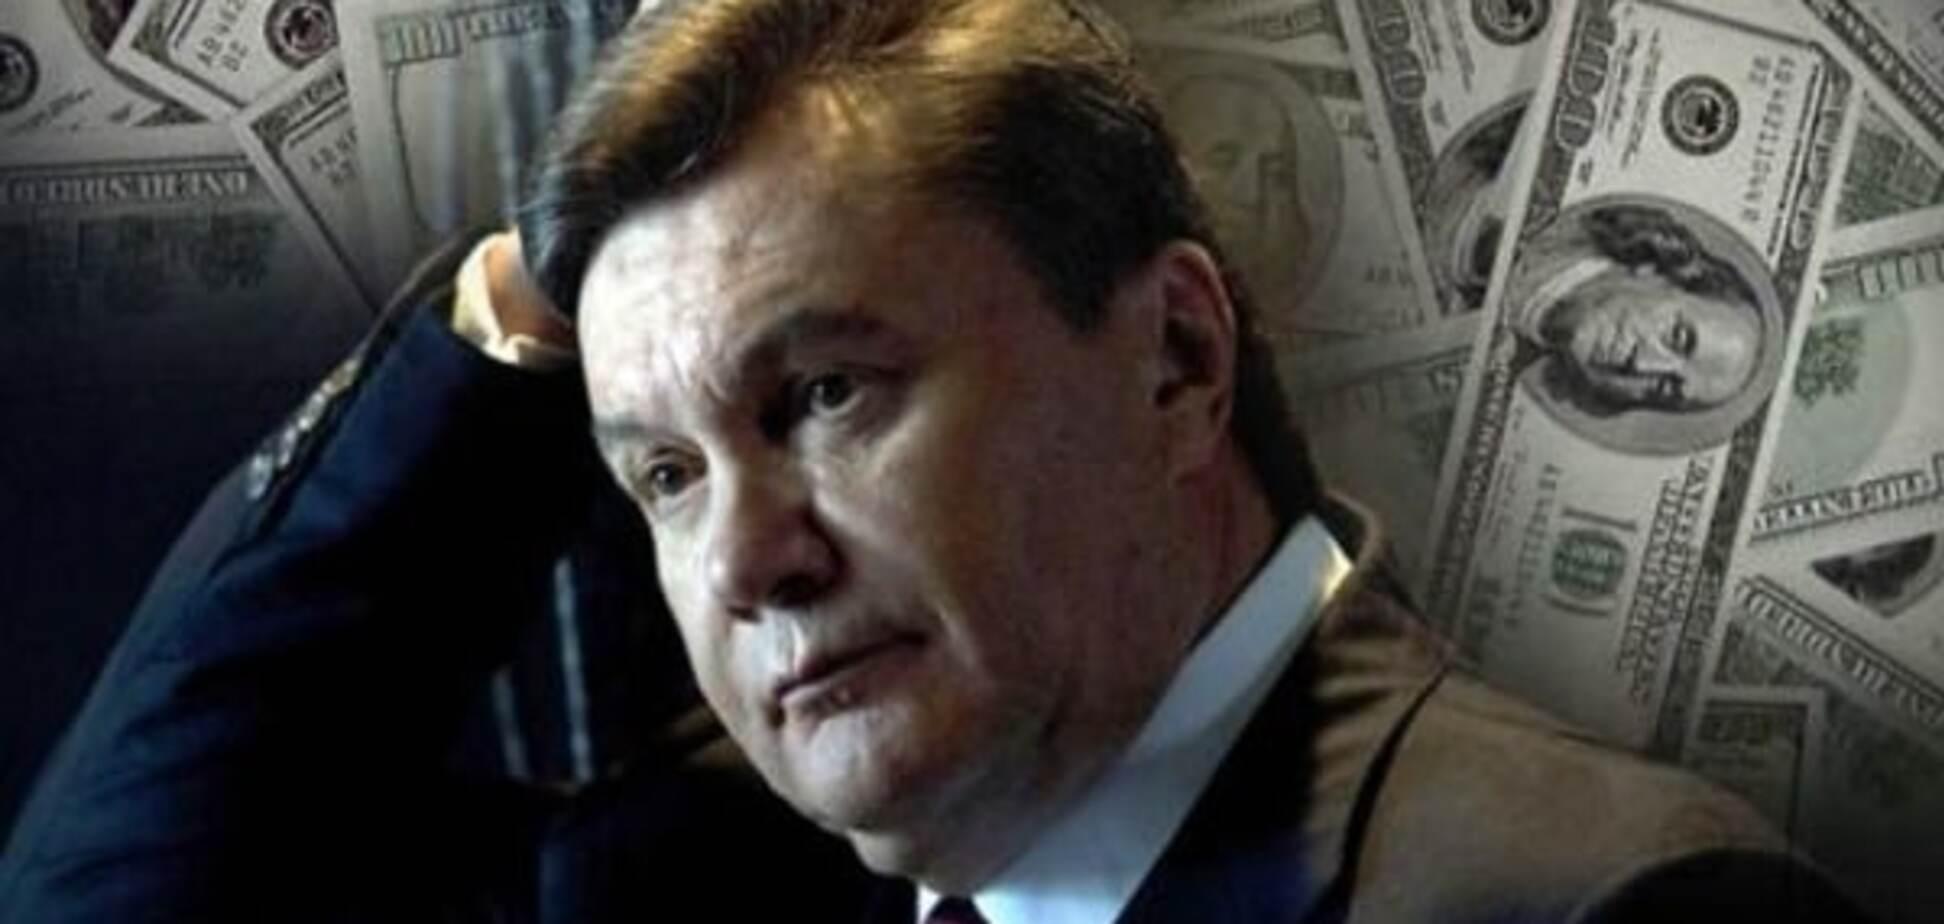 Давав хабар Януковичу: у Донецьку заарештували квартиру директора друкарні